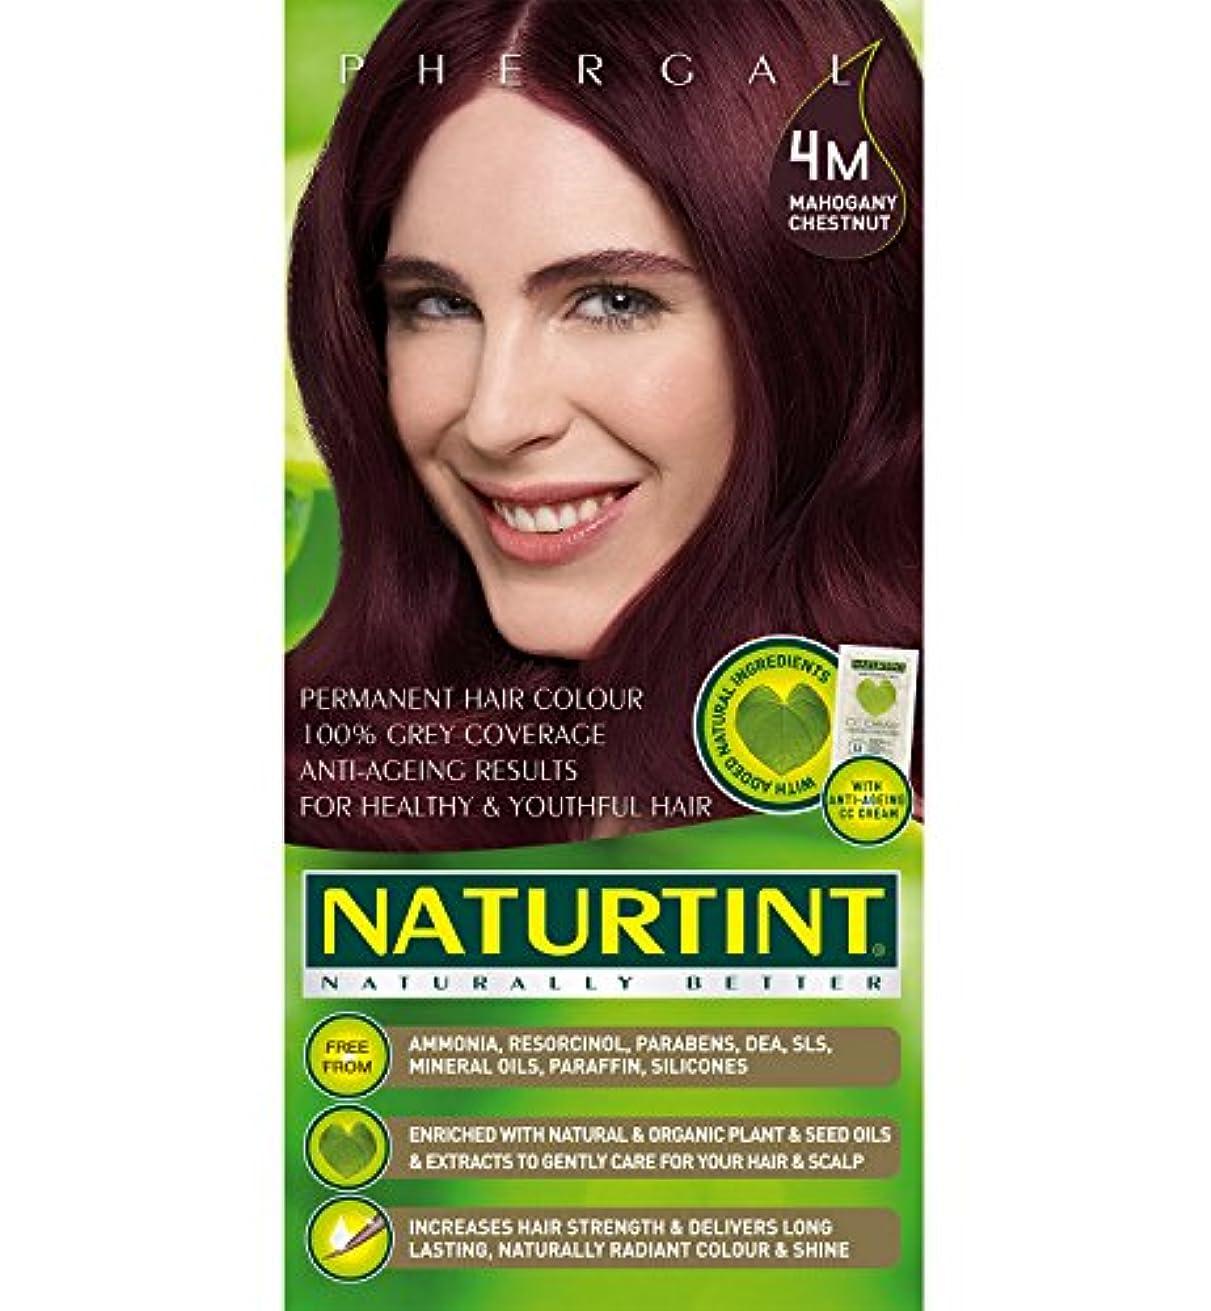 バンジージャンプ親指持つNaturtint Hair Color 4M Mahogany Chestnut Count (並行輸入品)